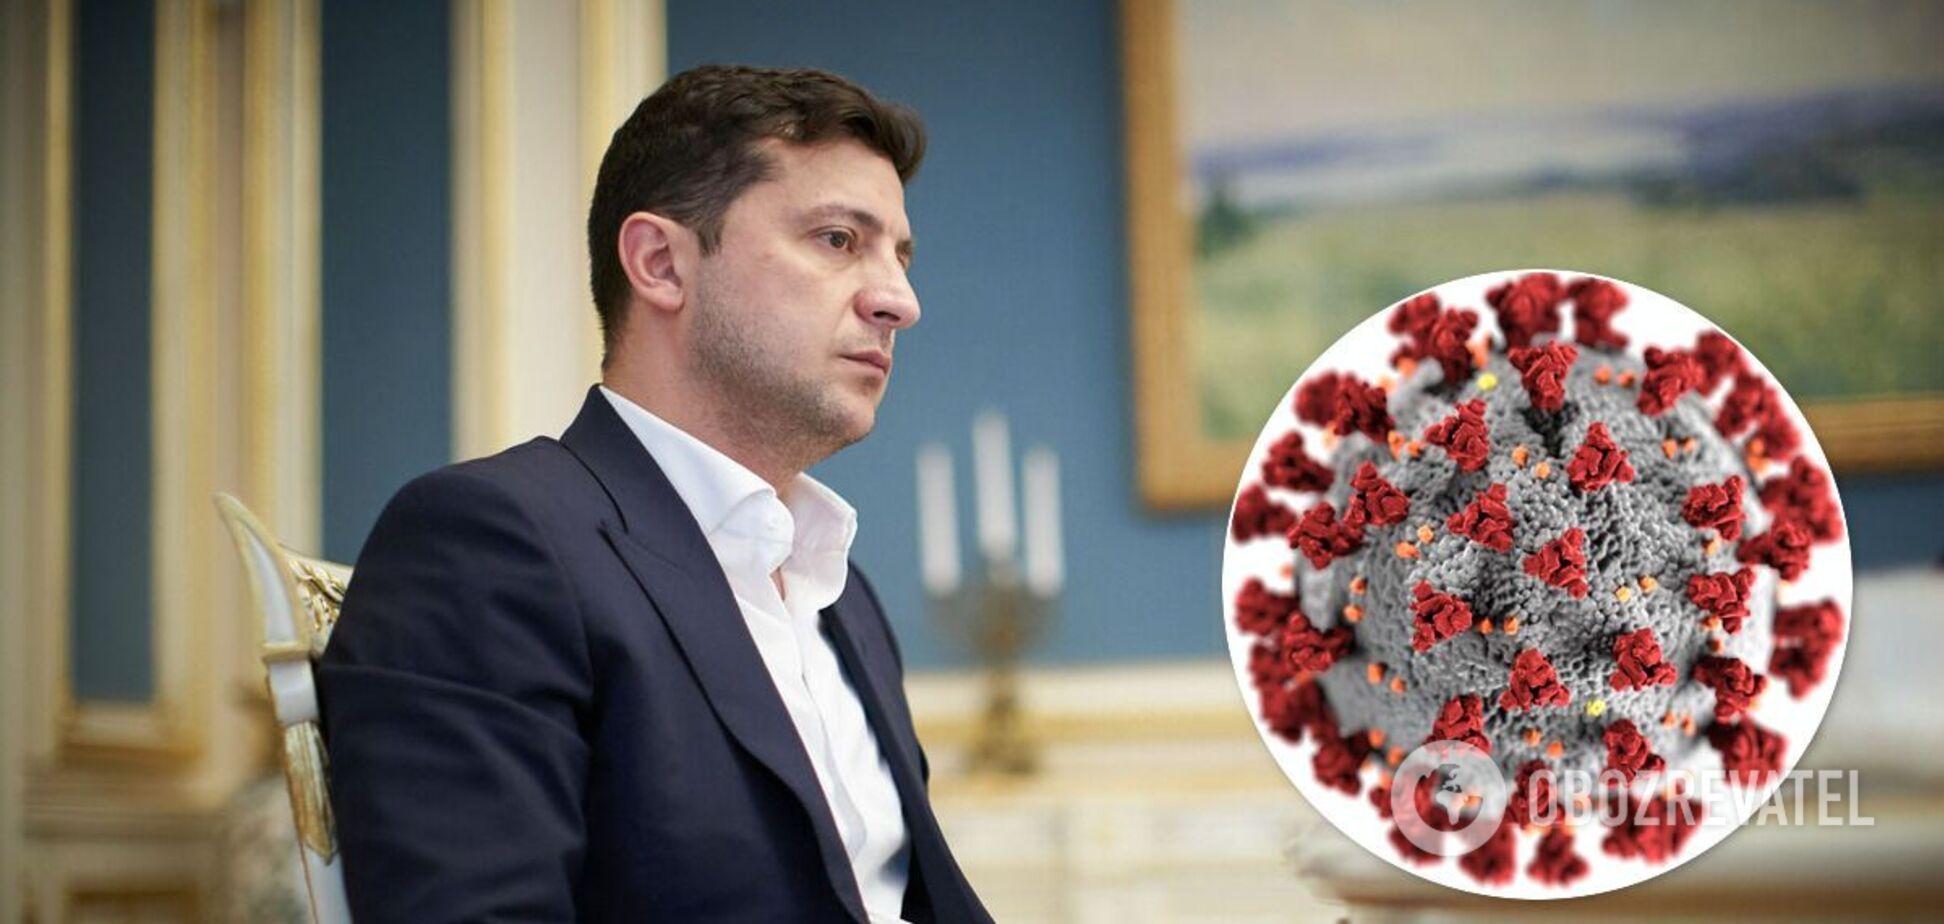 Зеленський готовий випробувати українську вакцину від COVID-19